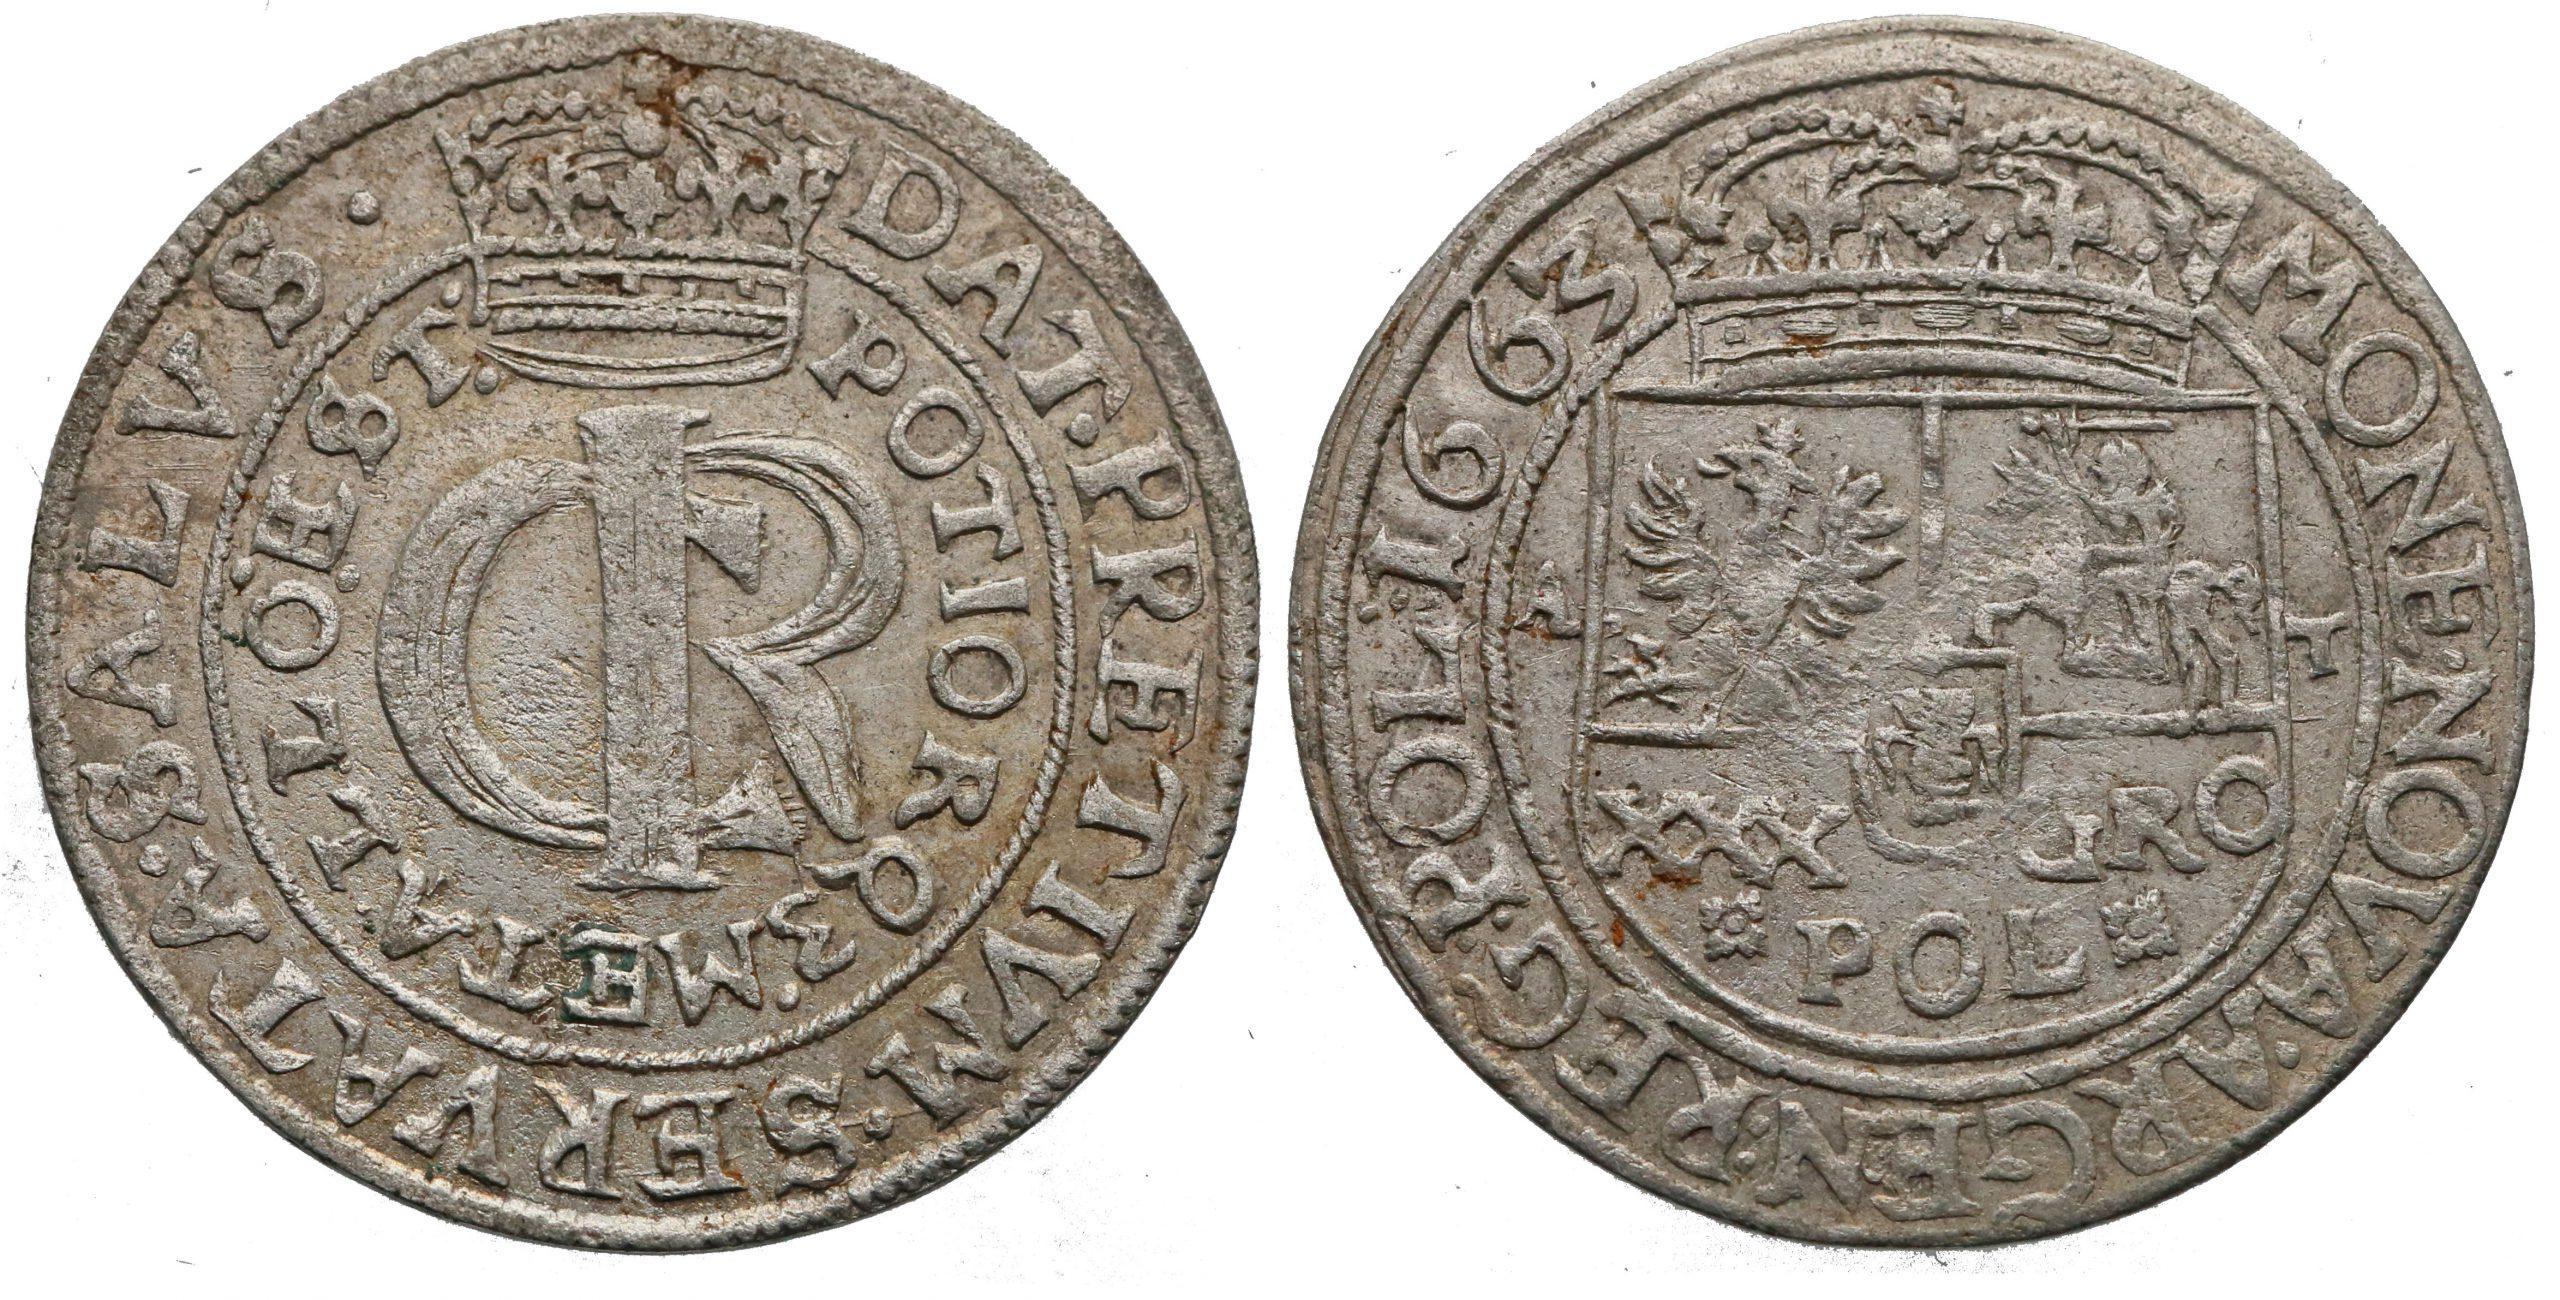 Tymf 1663 z mennicy lwowskiej